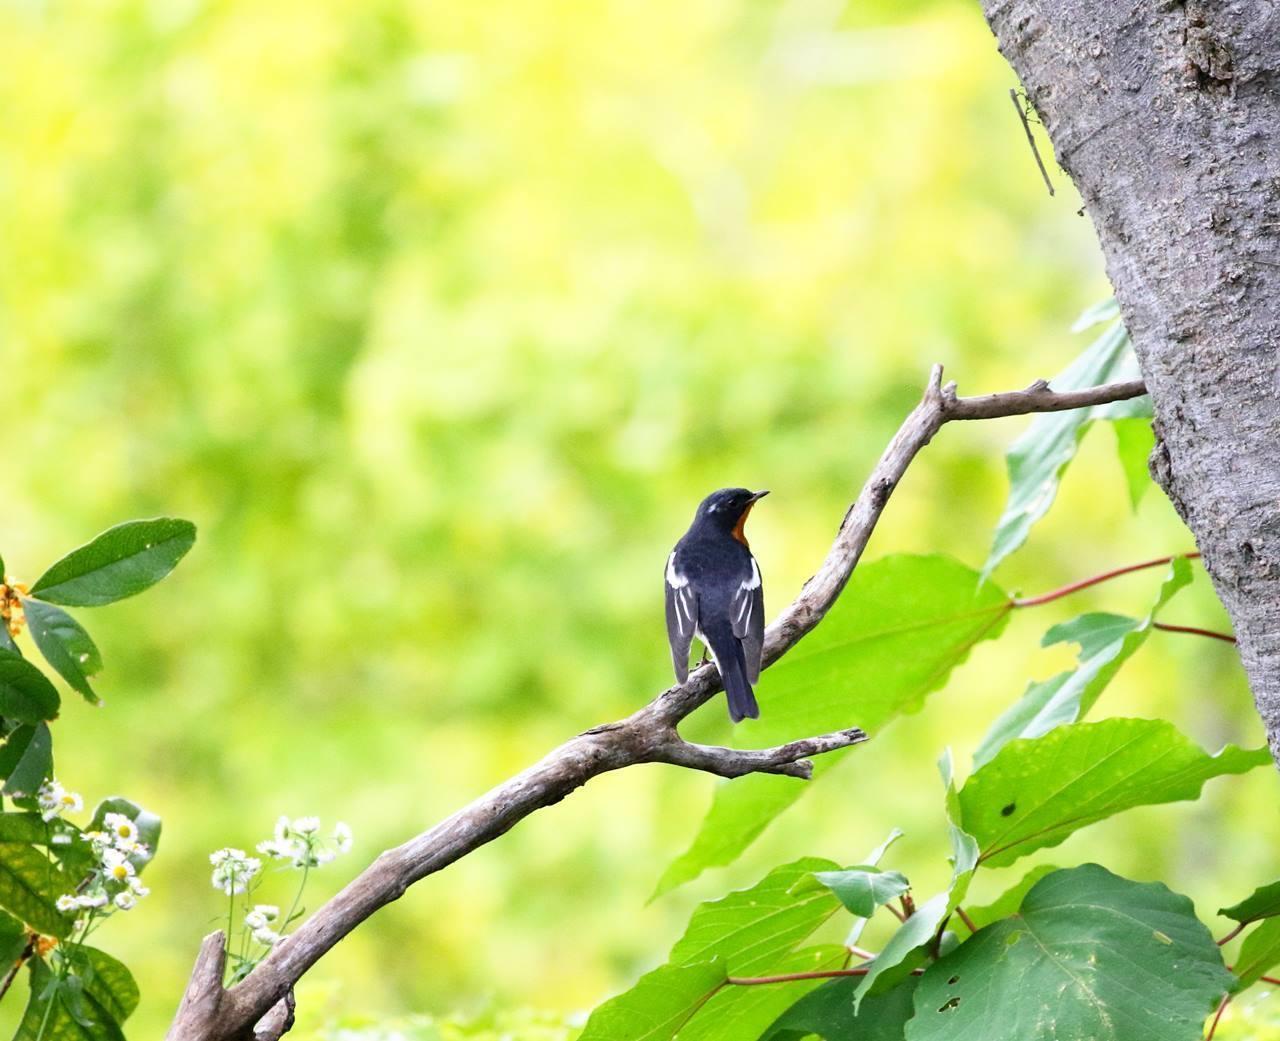 やっとムギマキ♂成鳥に出会う(その1)_c0213607_13164831.jpg